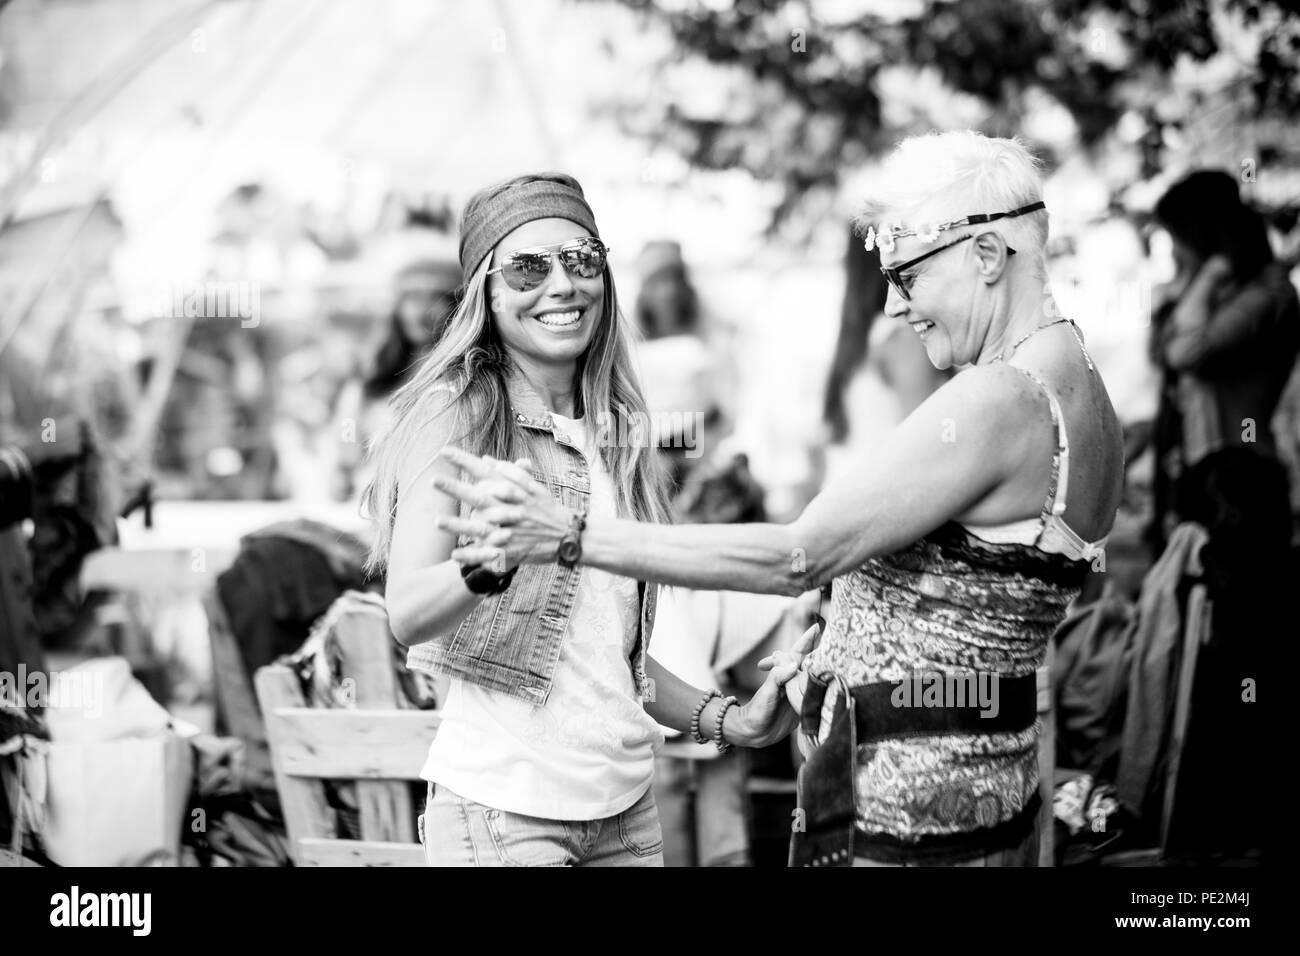 Junge Frauen und Mädchen in Freundschaft alle zusammen feiern und Spaß haben in einem Bio natürliche Ort. Lächeln und Lachen für die Gruppe von Hippies Menschen al Stockbild